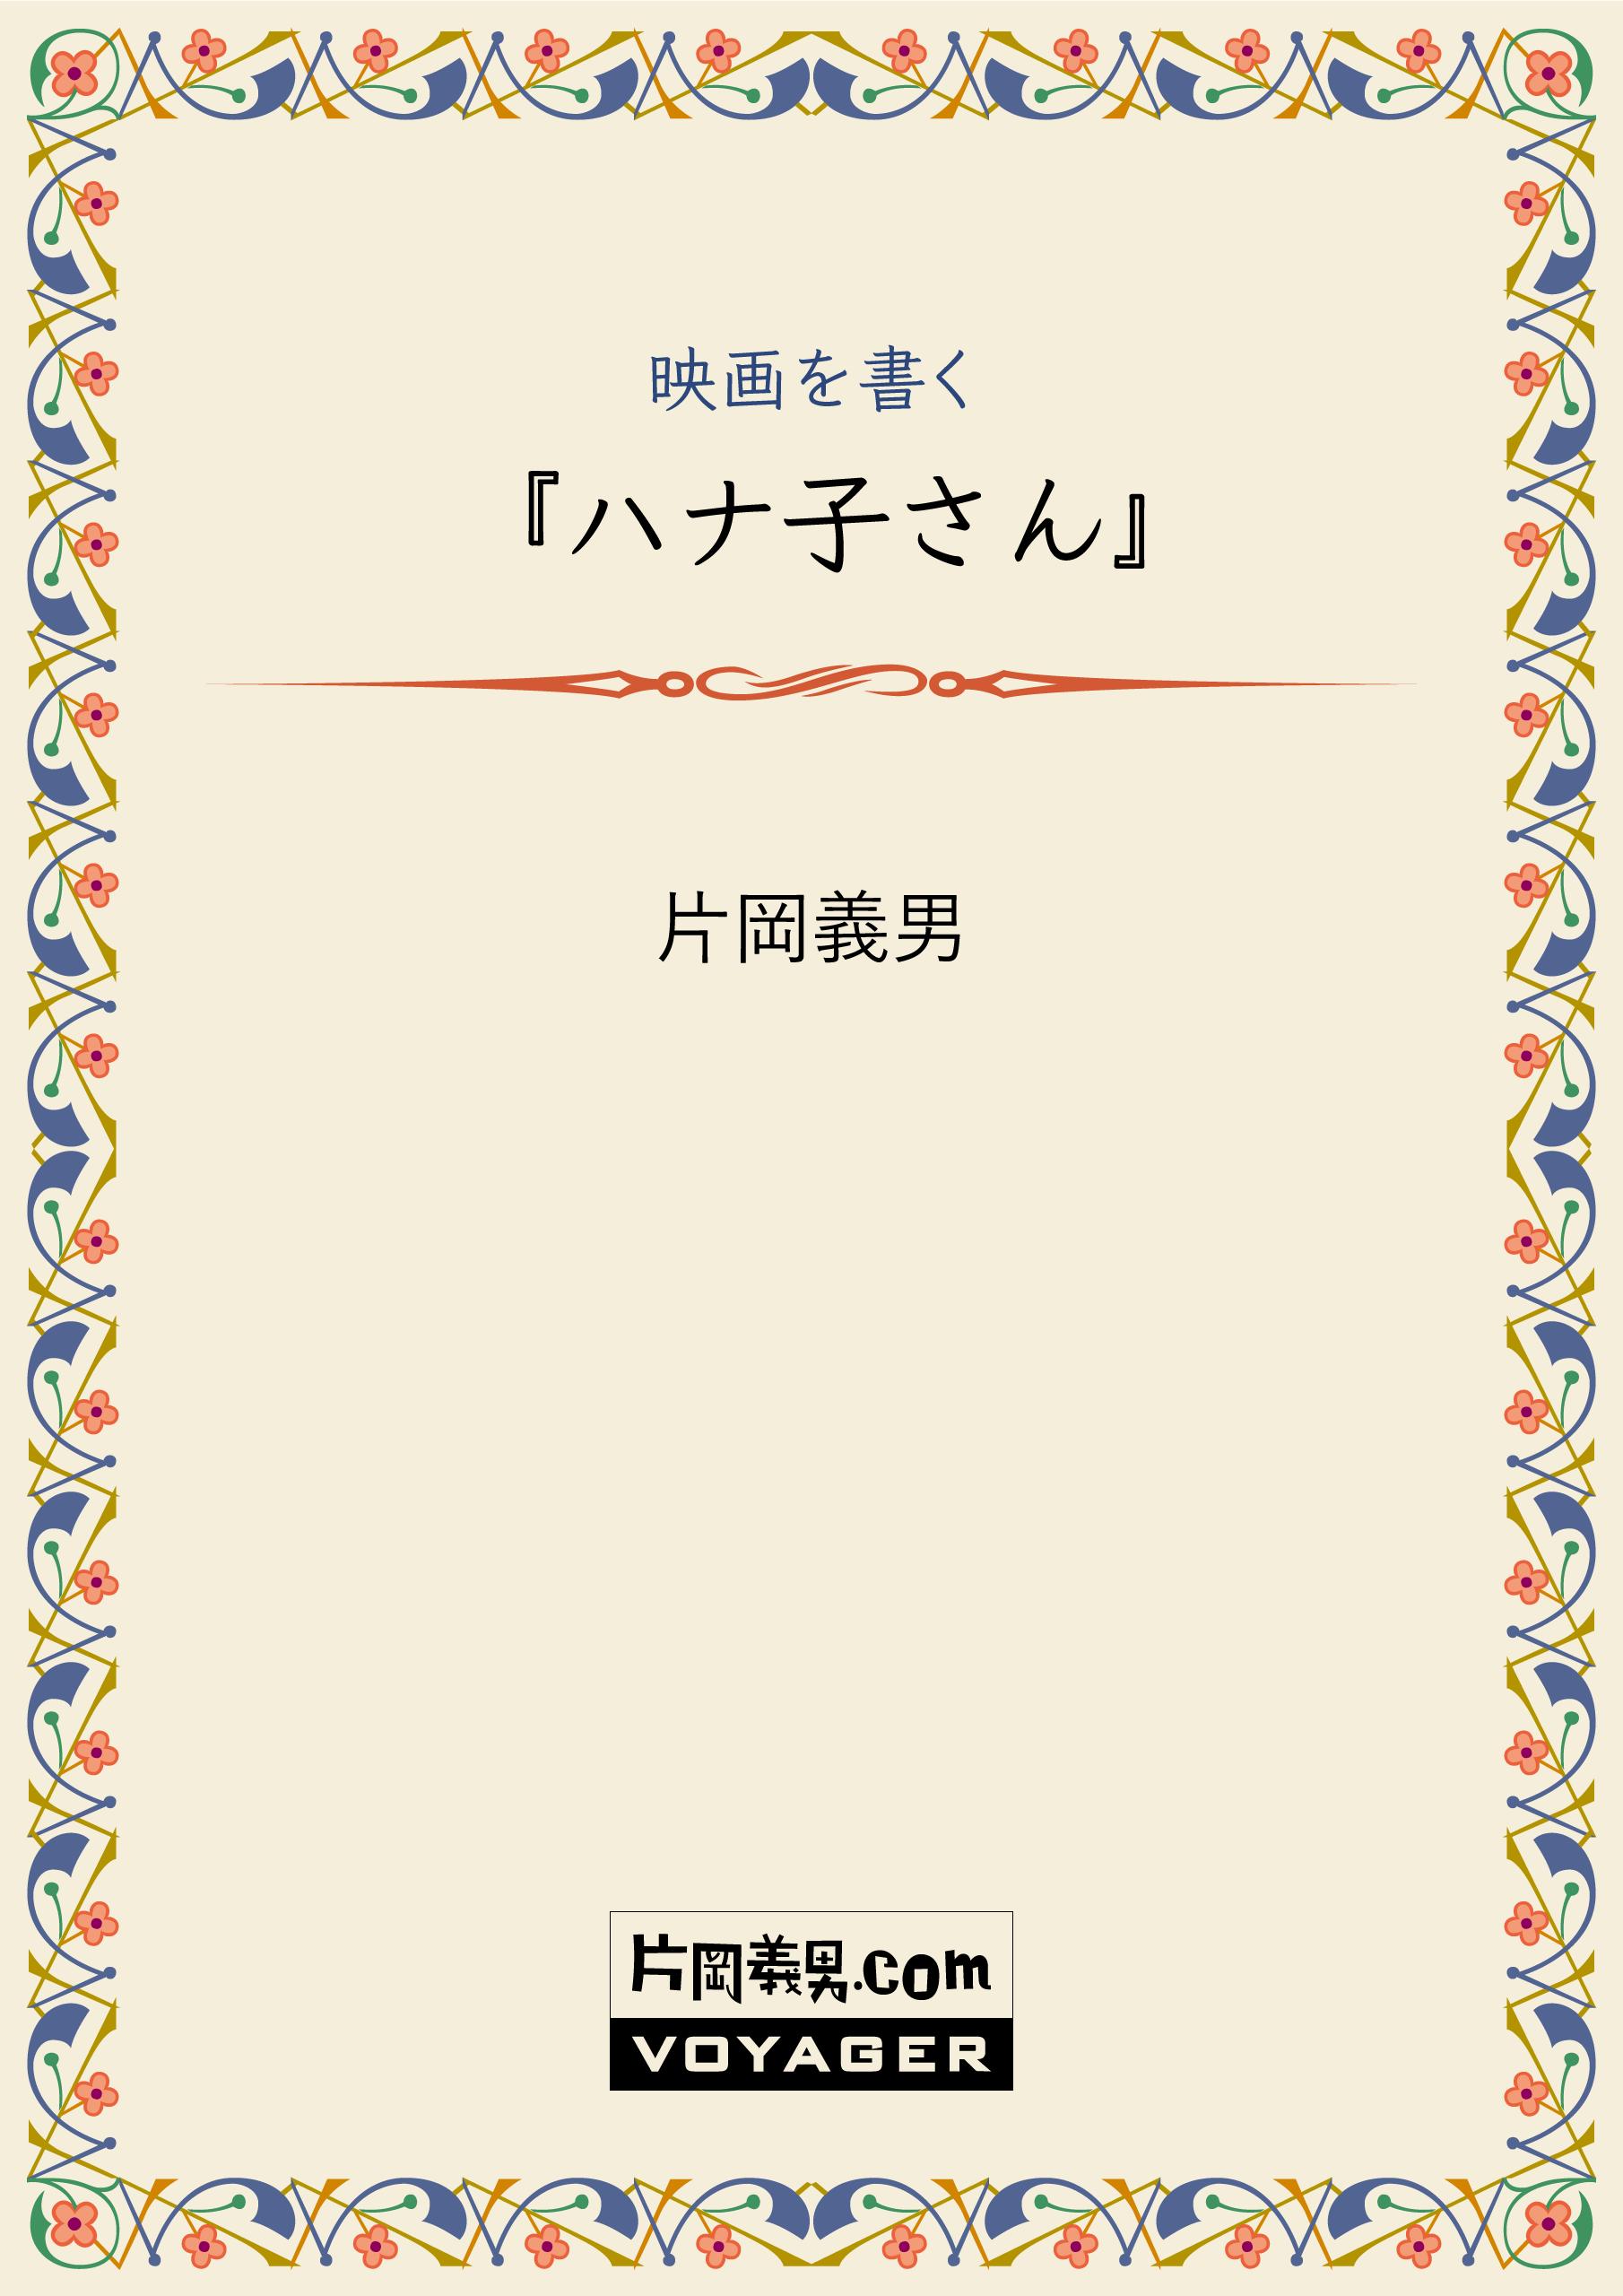 『ハナ子さん』一九四三年(昭和十八年)